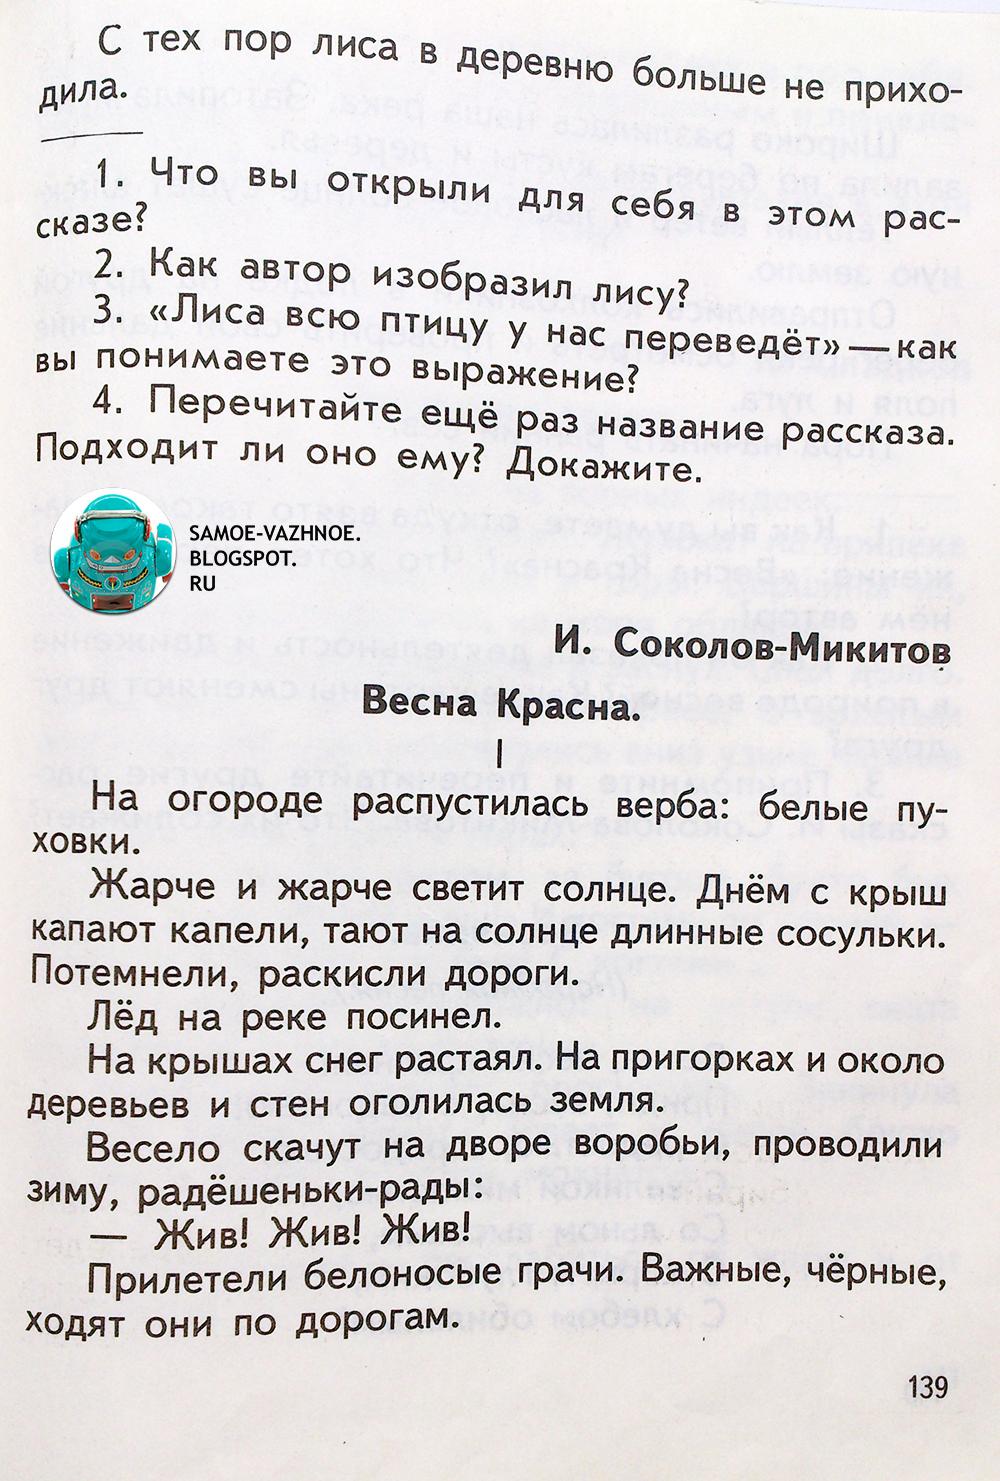 Соколов-Микитов Весна Красна